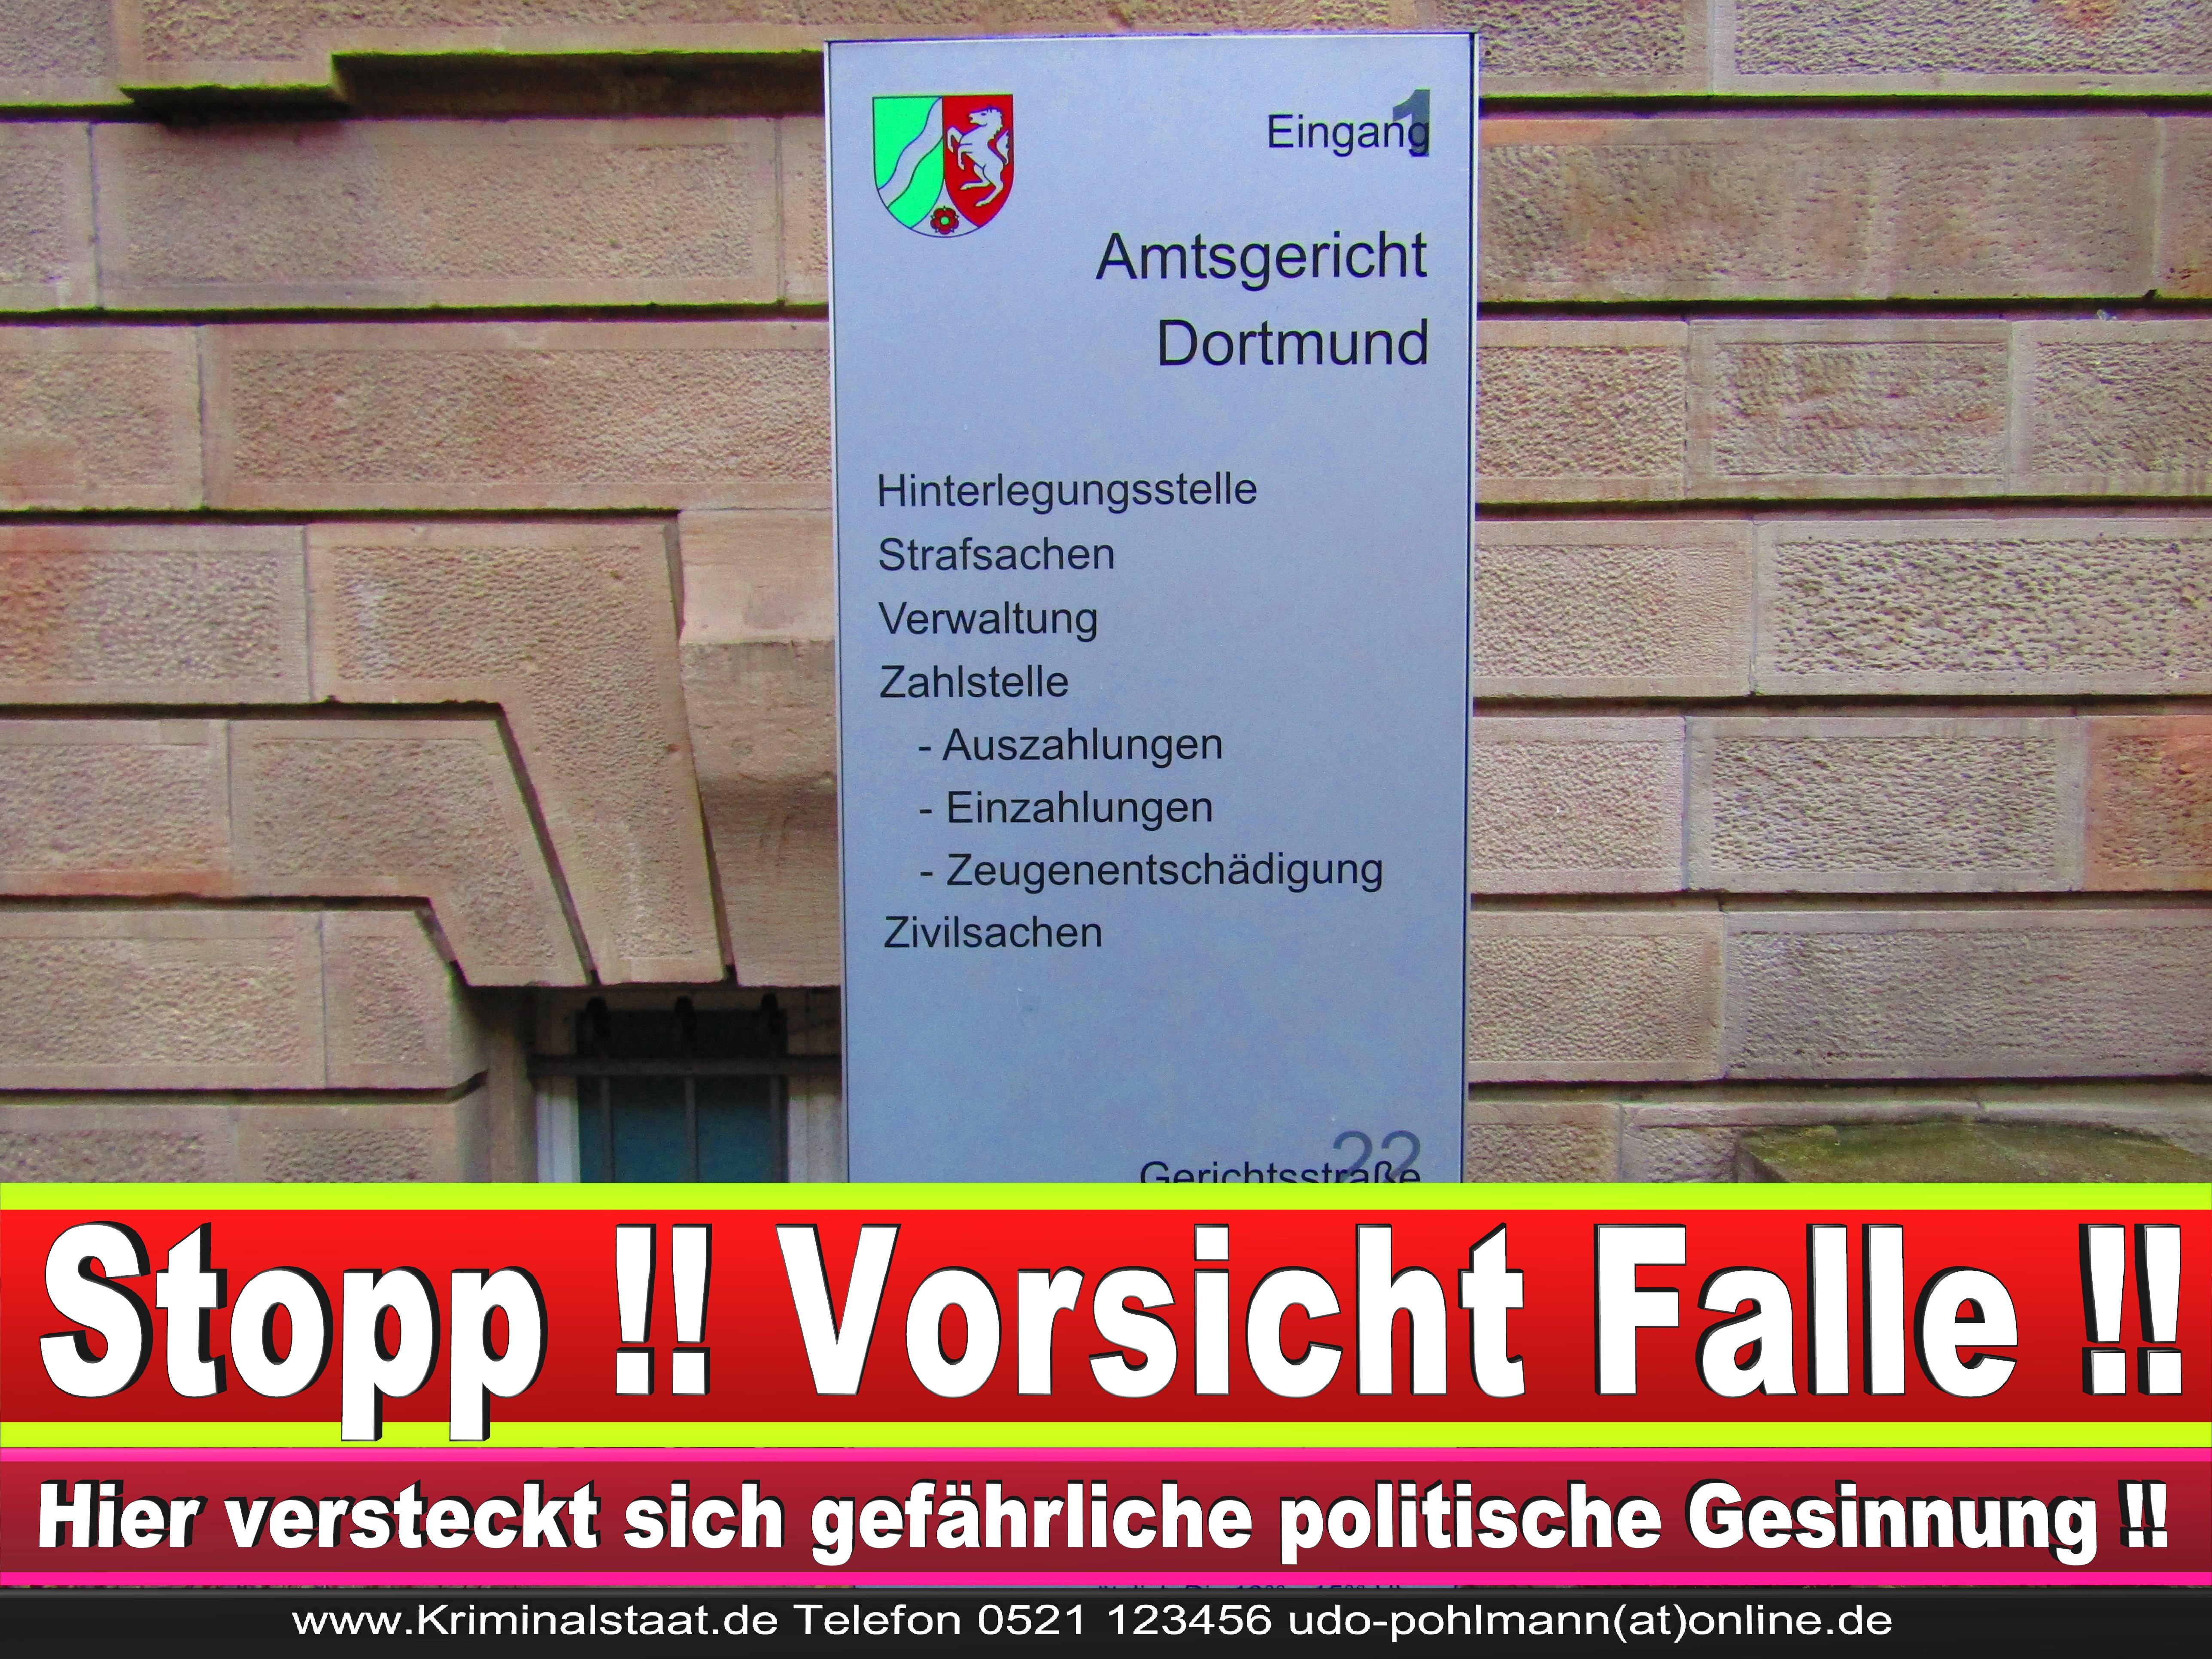 AMTSGERICHT DORTMUND RICHTER AUSBILDUNG PRAKTIKUM ANFAHRT URTEILE KORRUPTION POLIZEI ADRESSE DIREKTOR (5) 1 1